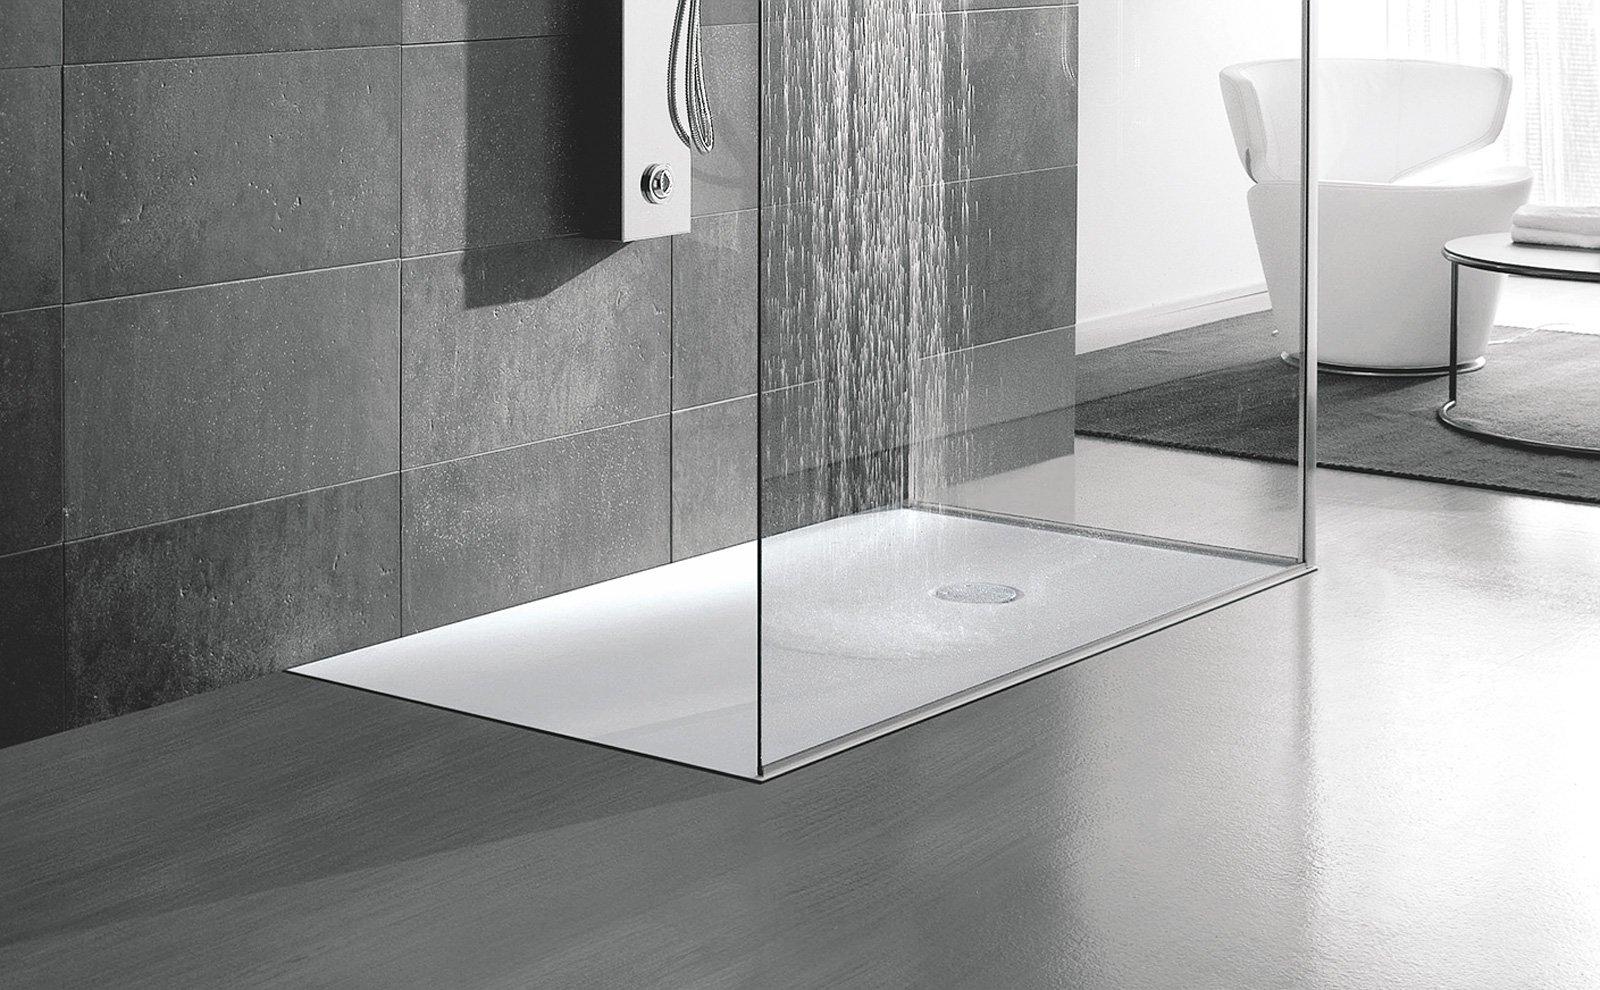 Piatti doccia a filo per un bagno trendy cose di casa - Posare un piatto doccia ...